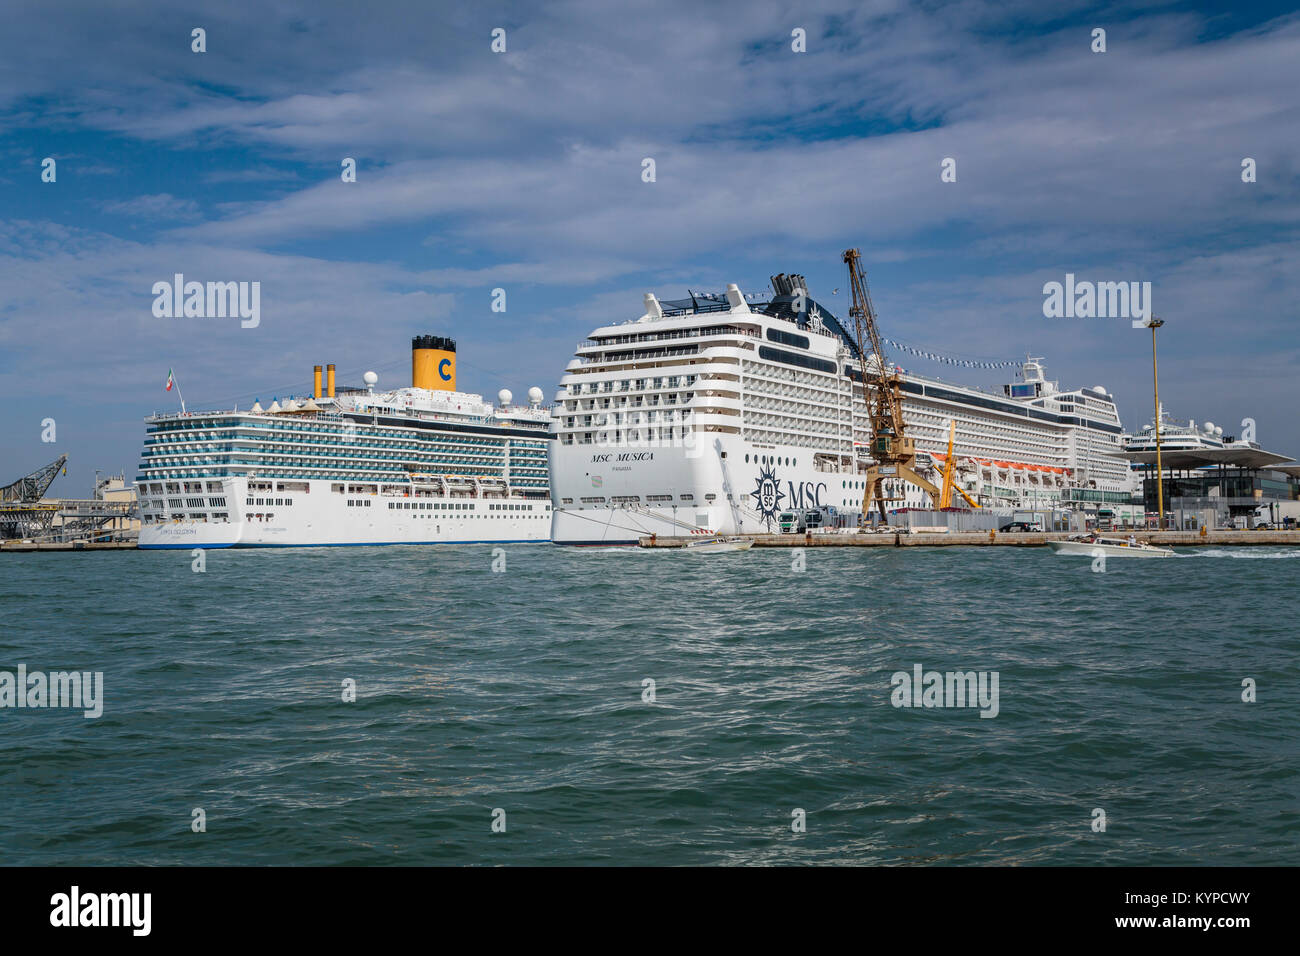 Cruise ships docked in port in Veneto, Venice, Italy, Europe. - Stock Image